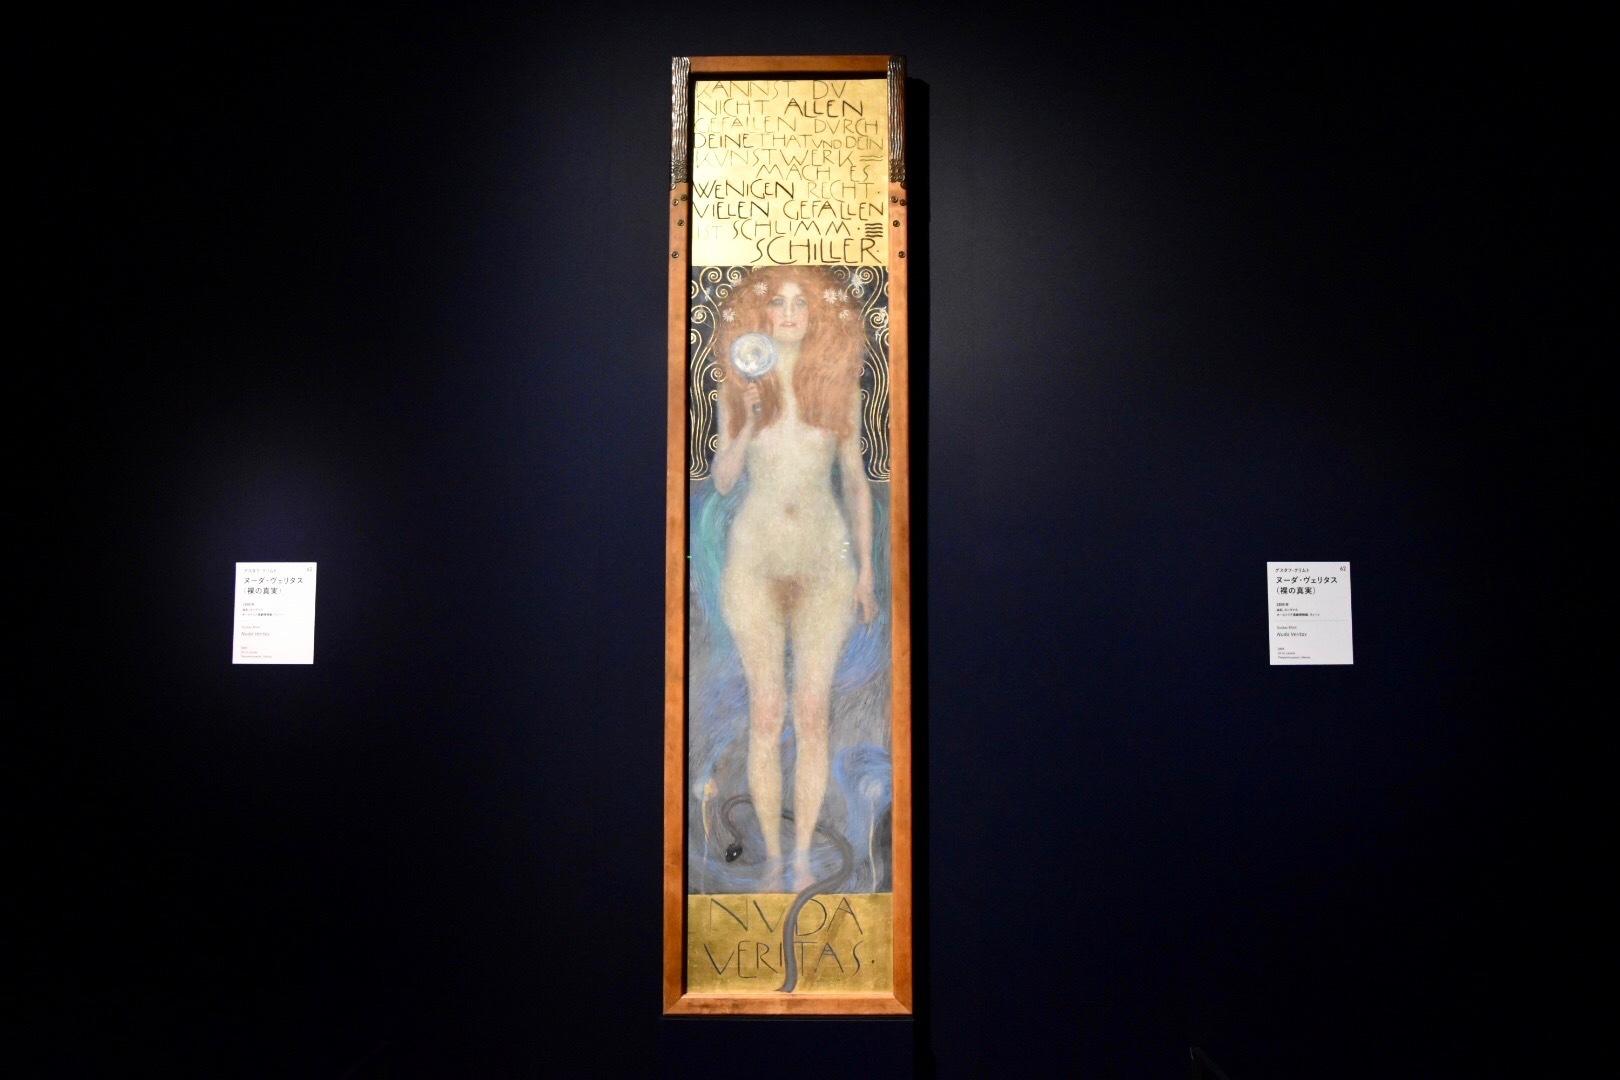 グスタフ・クリムト 《ヌーダ・ヴェリタス(裸の真実)》 1899年 オーストリア演劇博物館蔵